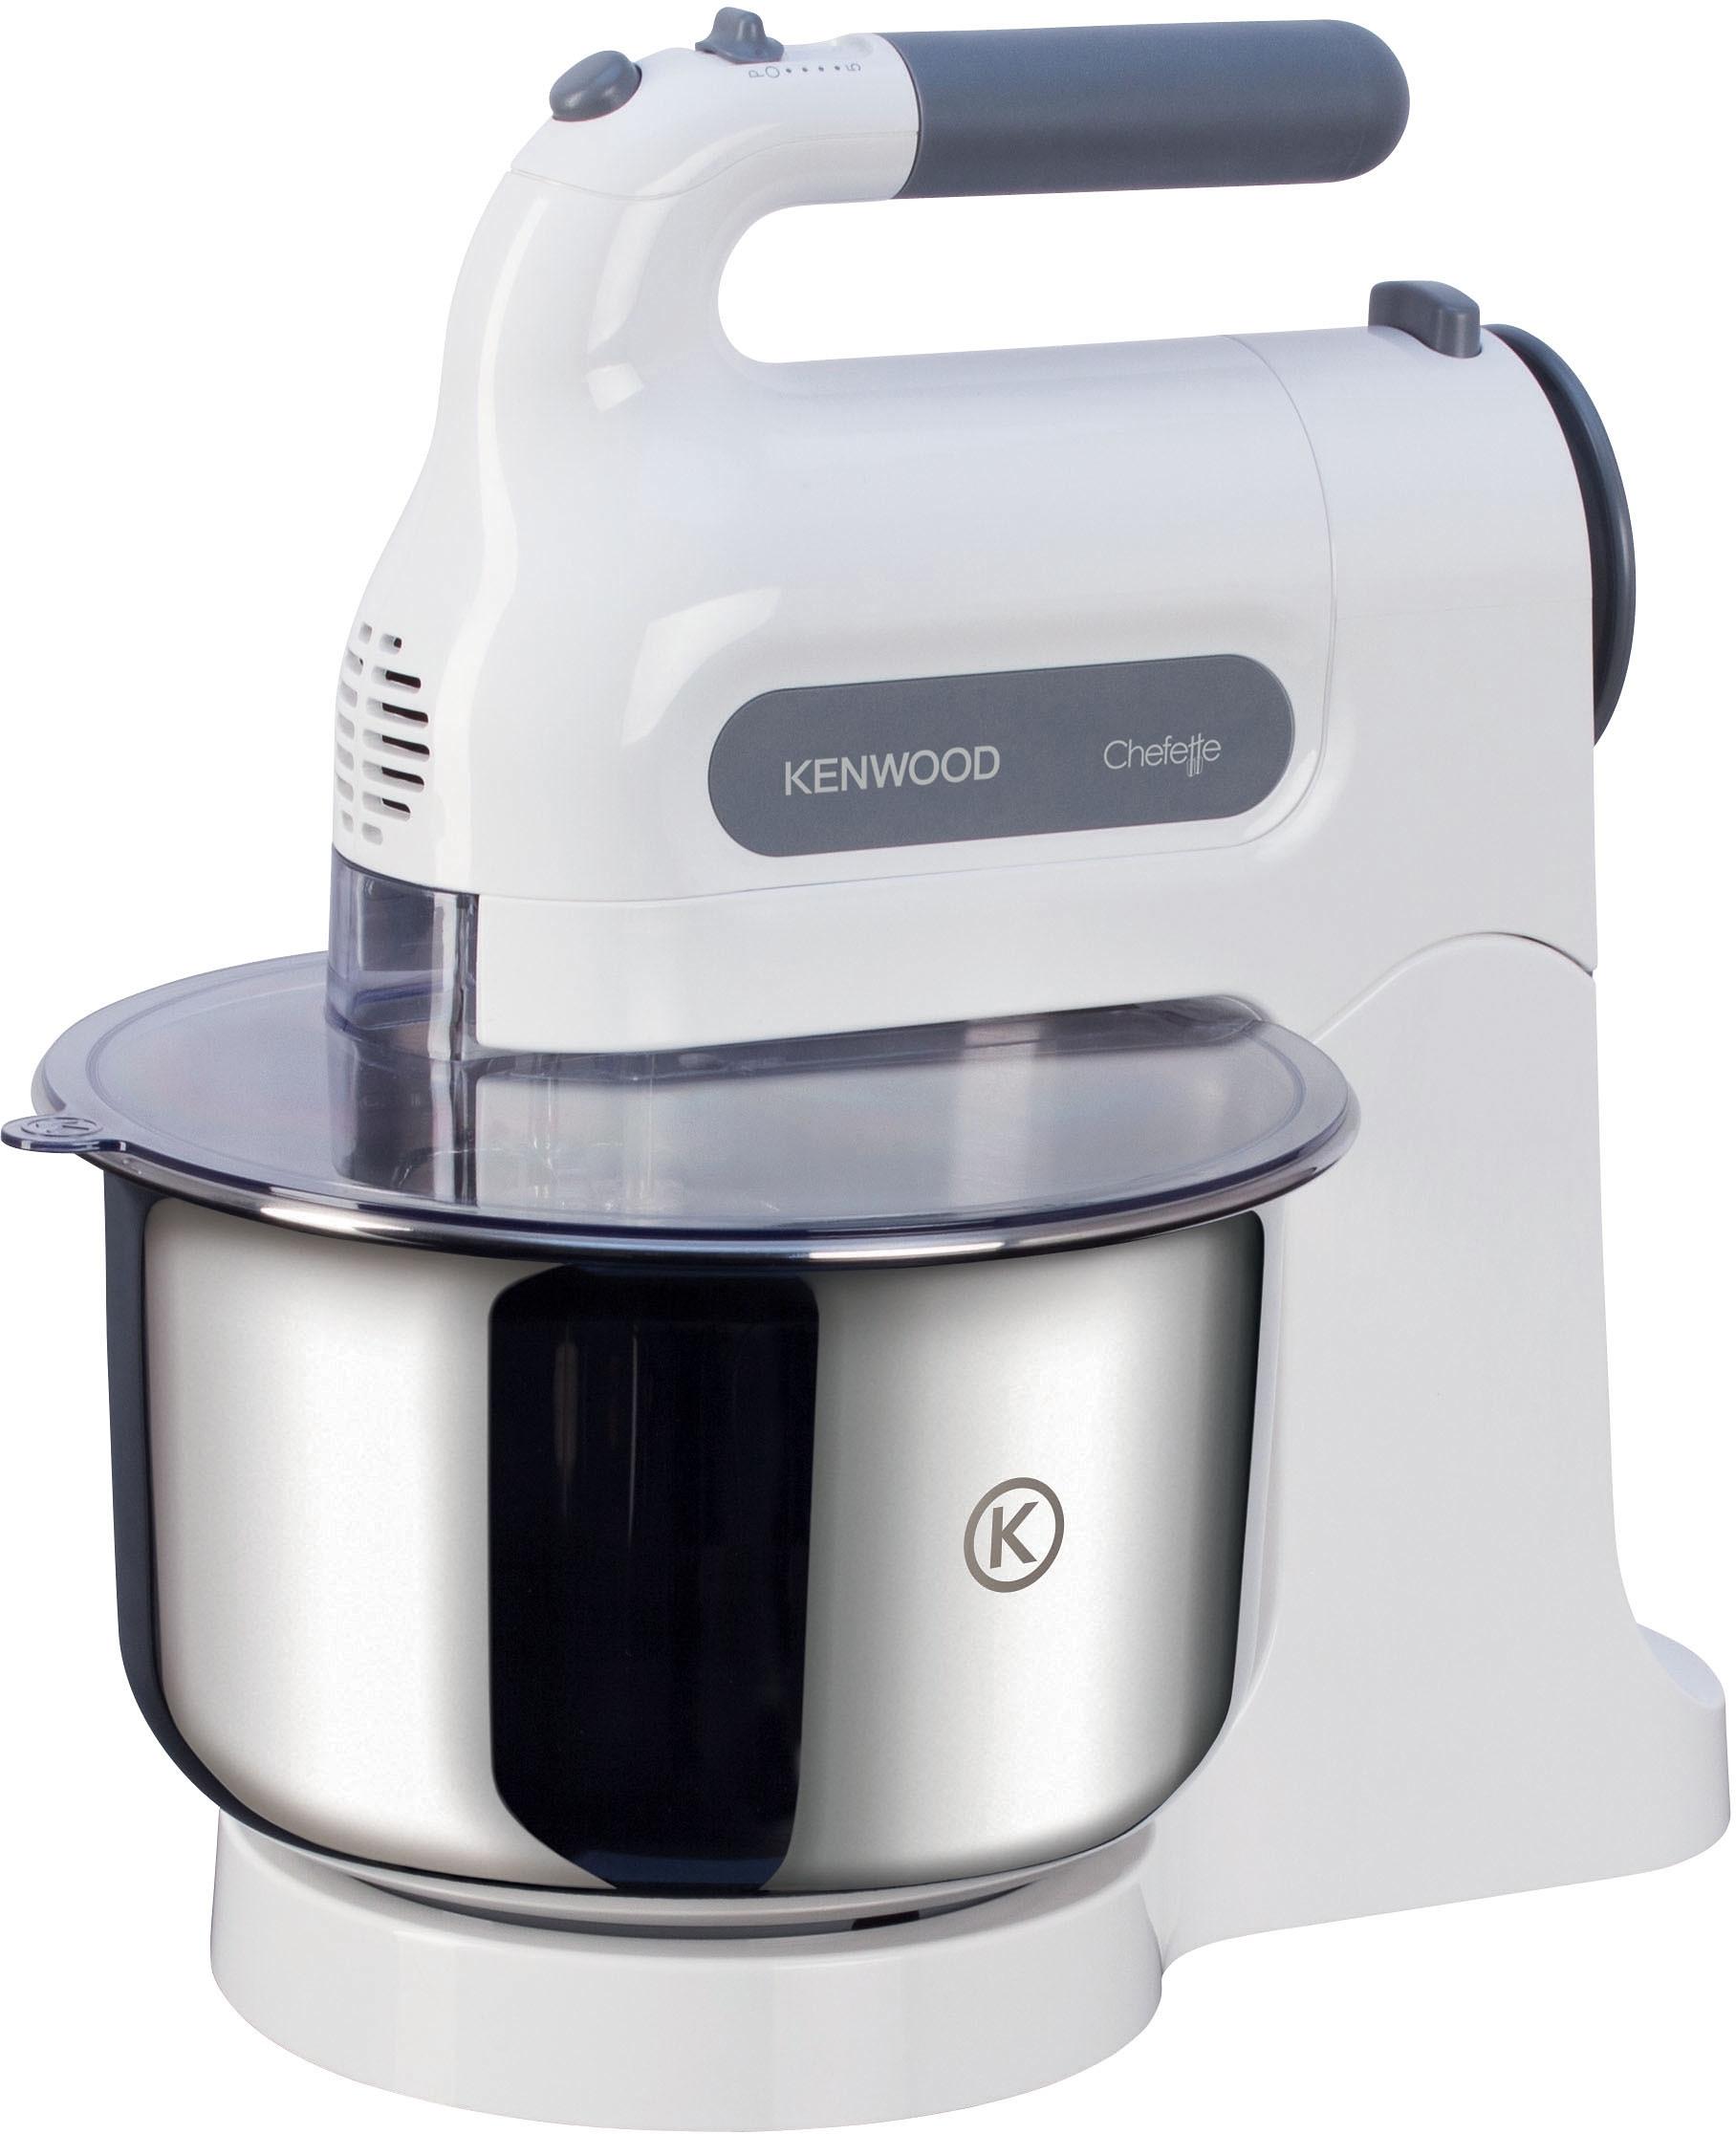 Kenwood Handmixer Chefette HM680 , 5 opstappen, wit, 350 Watt online kopen op otto.nl